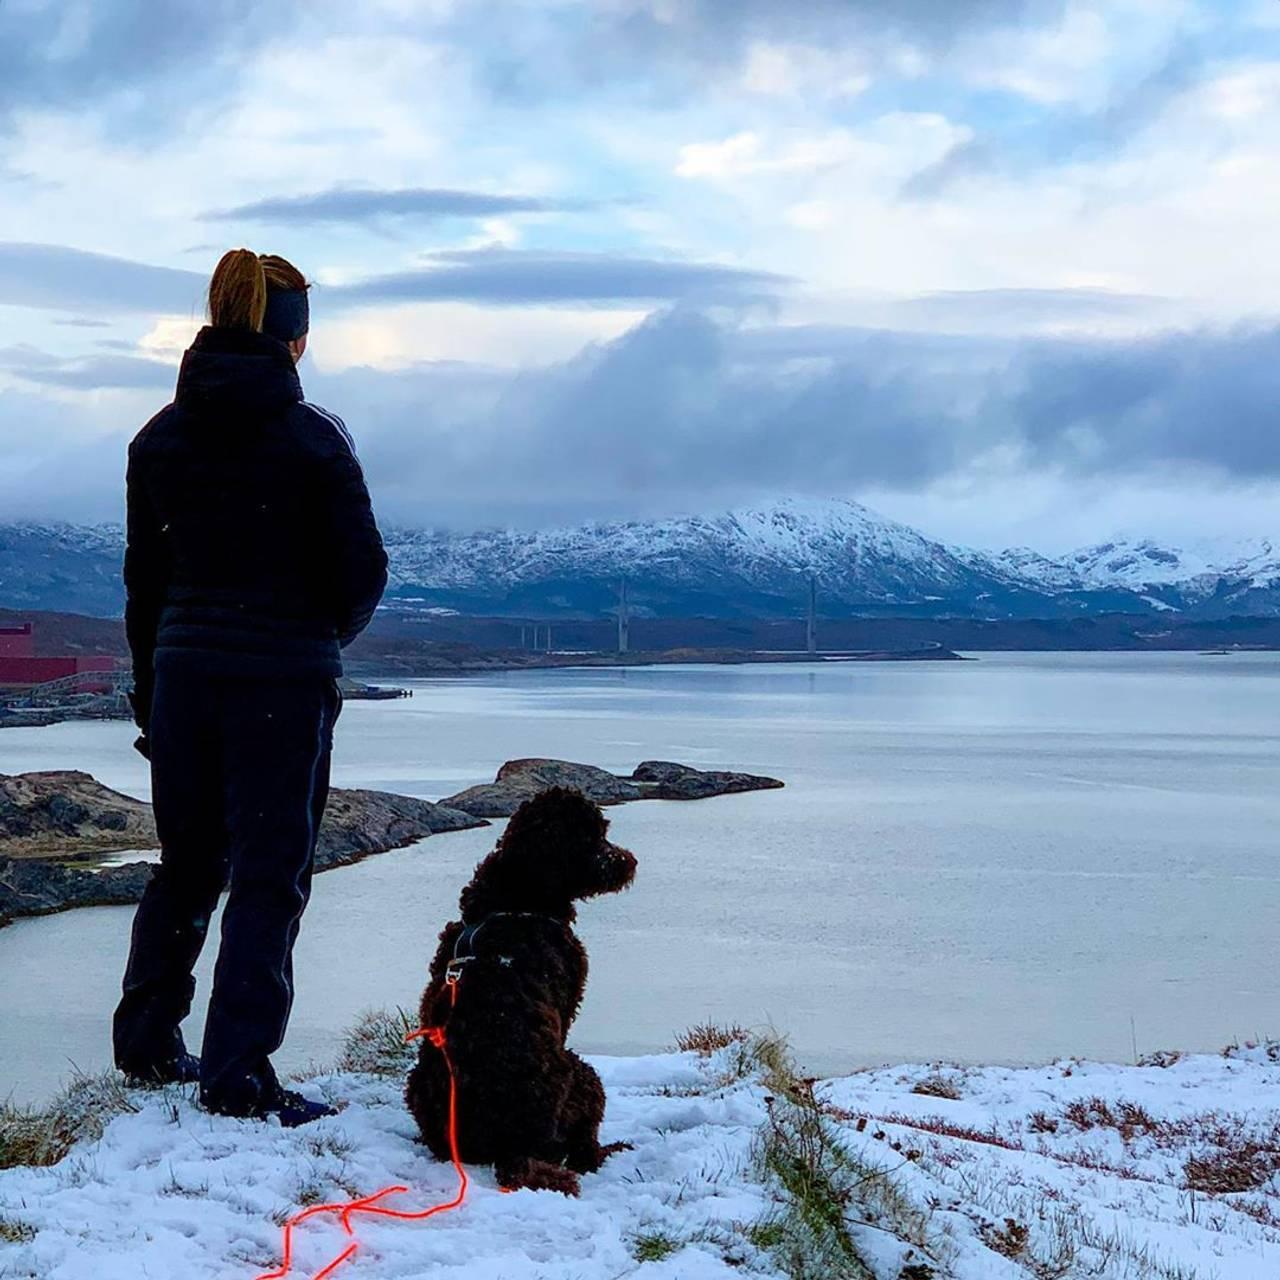 Eier og hund står på snødekt underlag og ser utover sjøen.